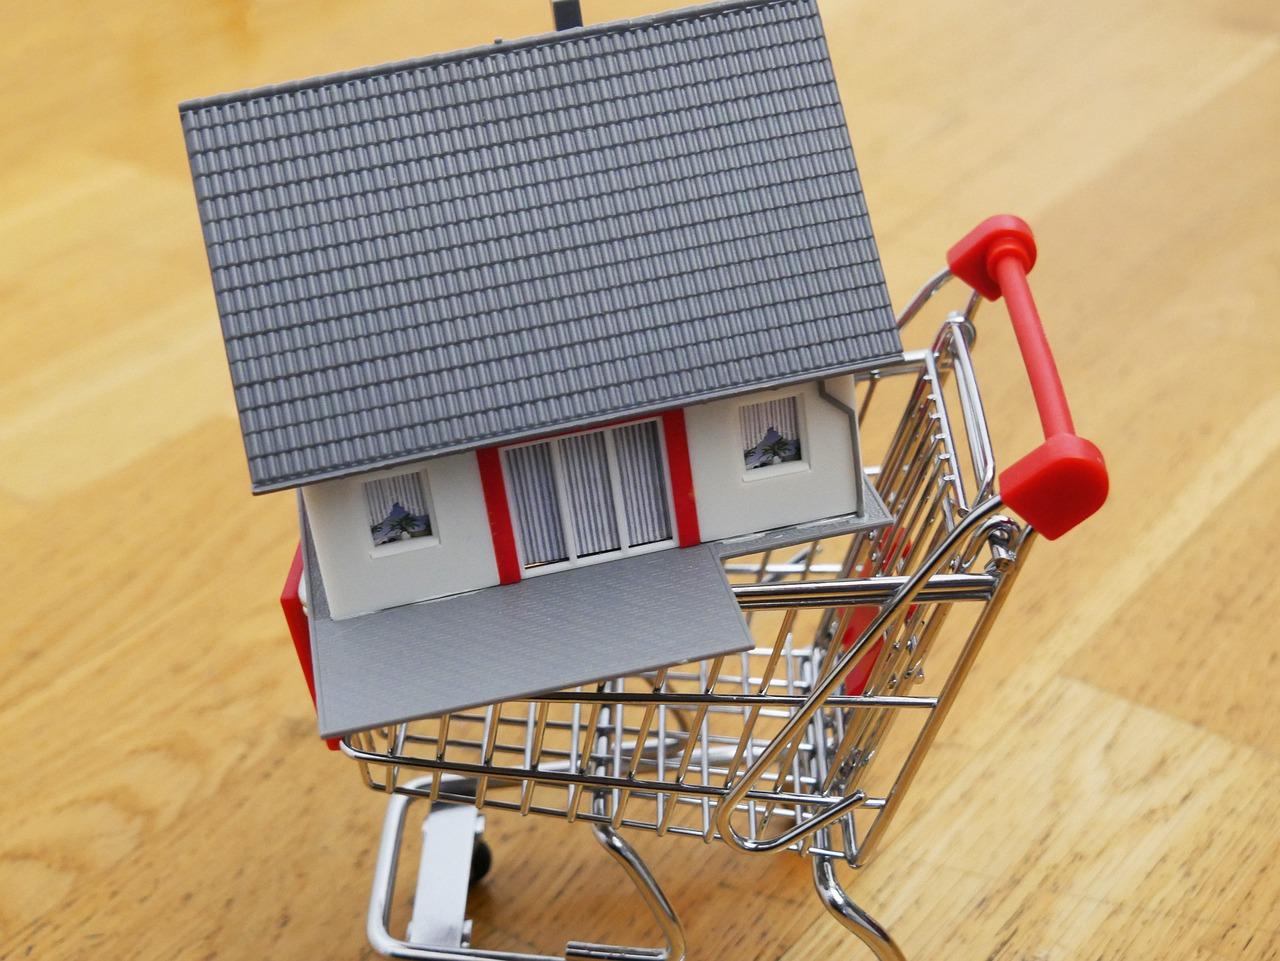 Comment bien acheter son appartement dans un milieu urbain?